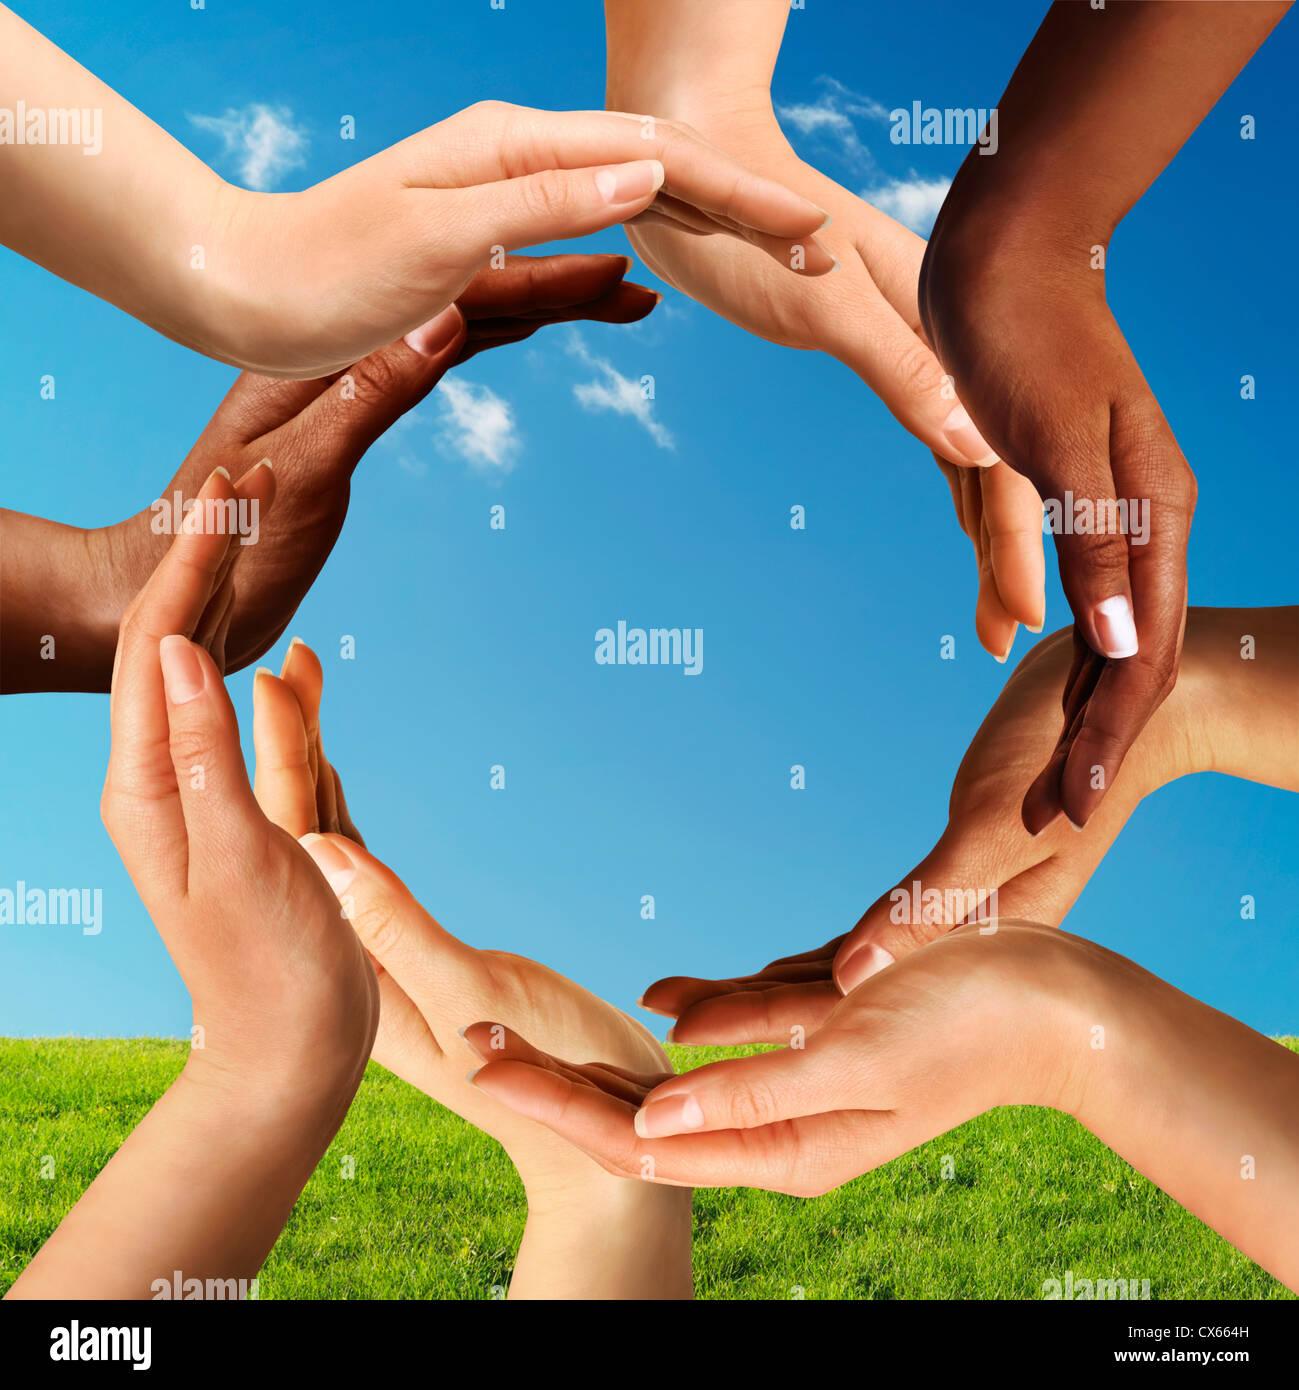 La paix et la diversité culturelle conceptuel symbole d'un cercle multiracial mains ensemble sur ciel bleu Photo Stock